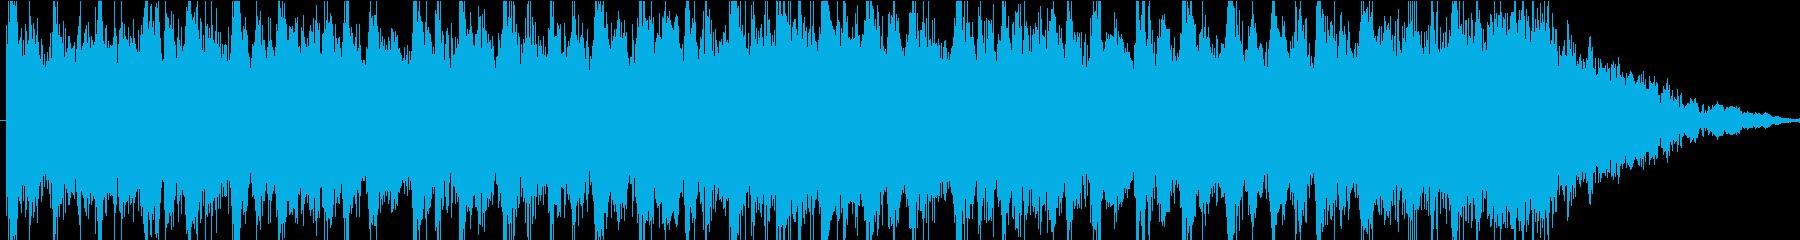 ティーン ポップ テクノ 邦楽 K...の再生済みの波形